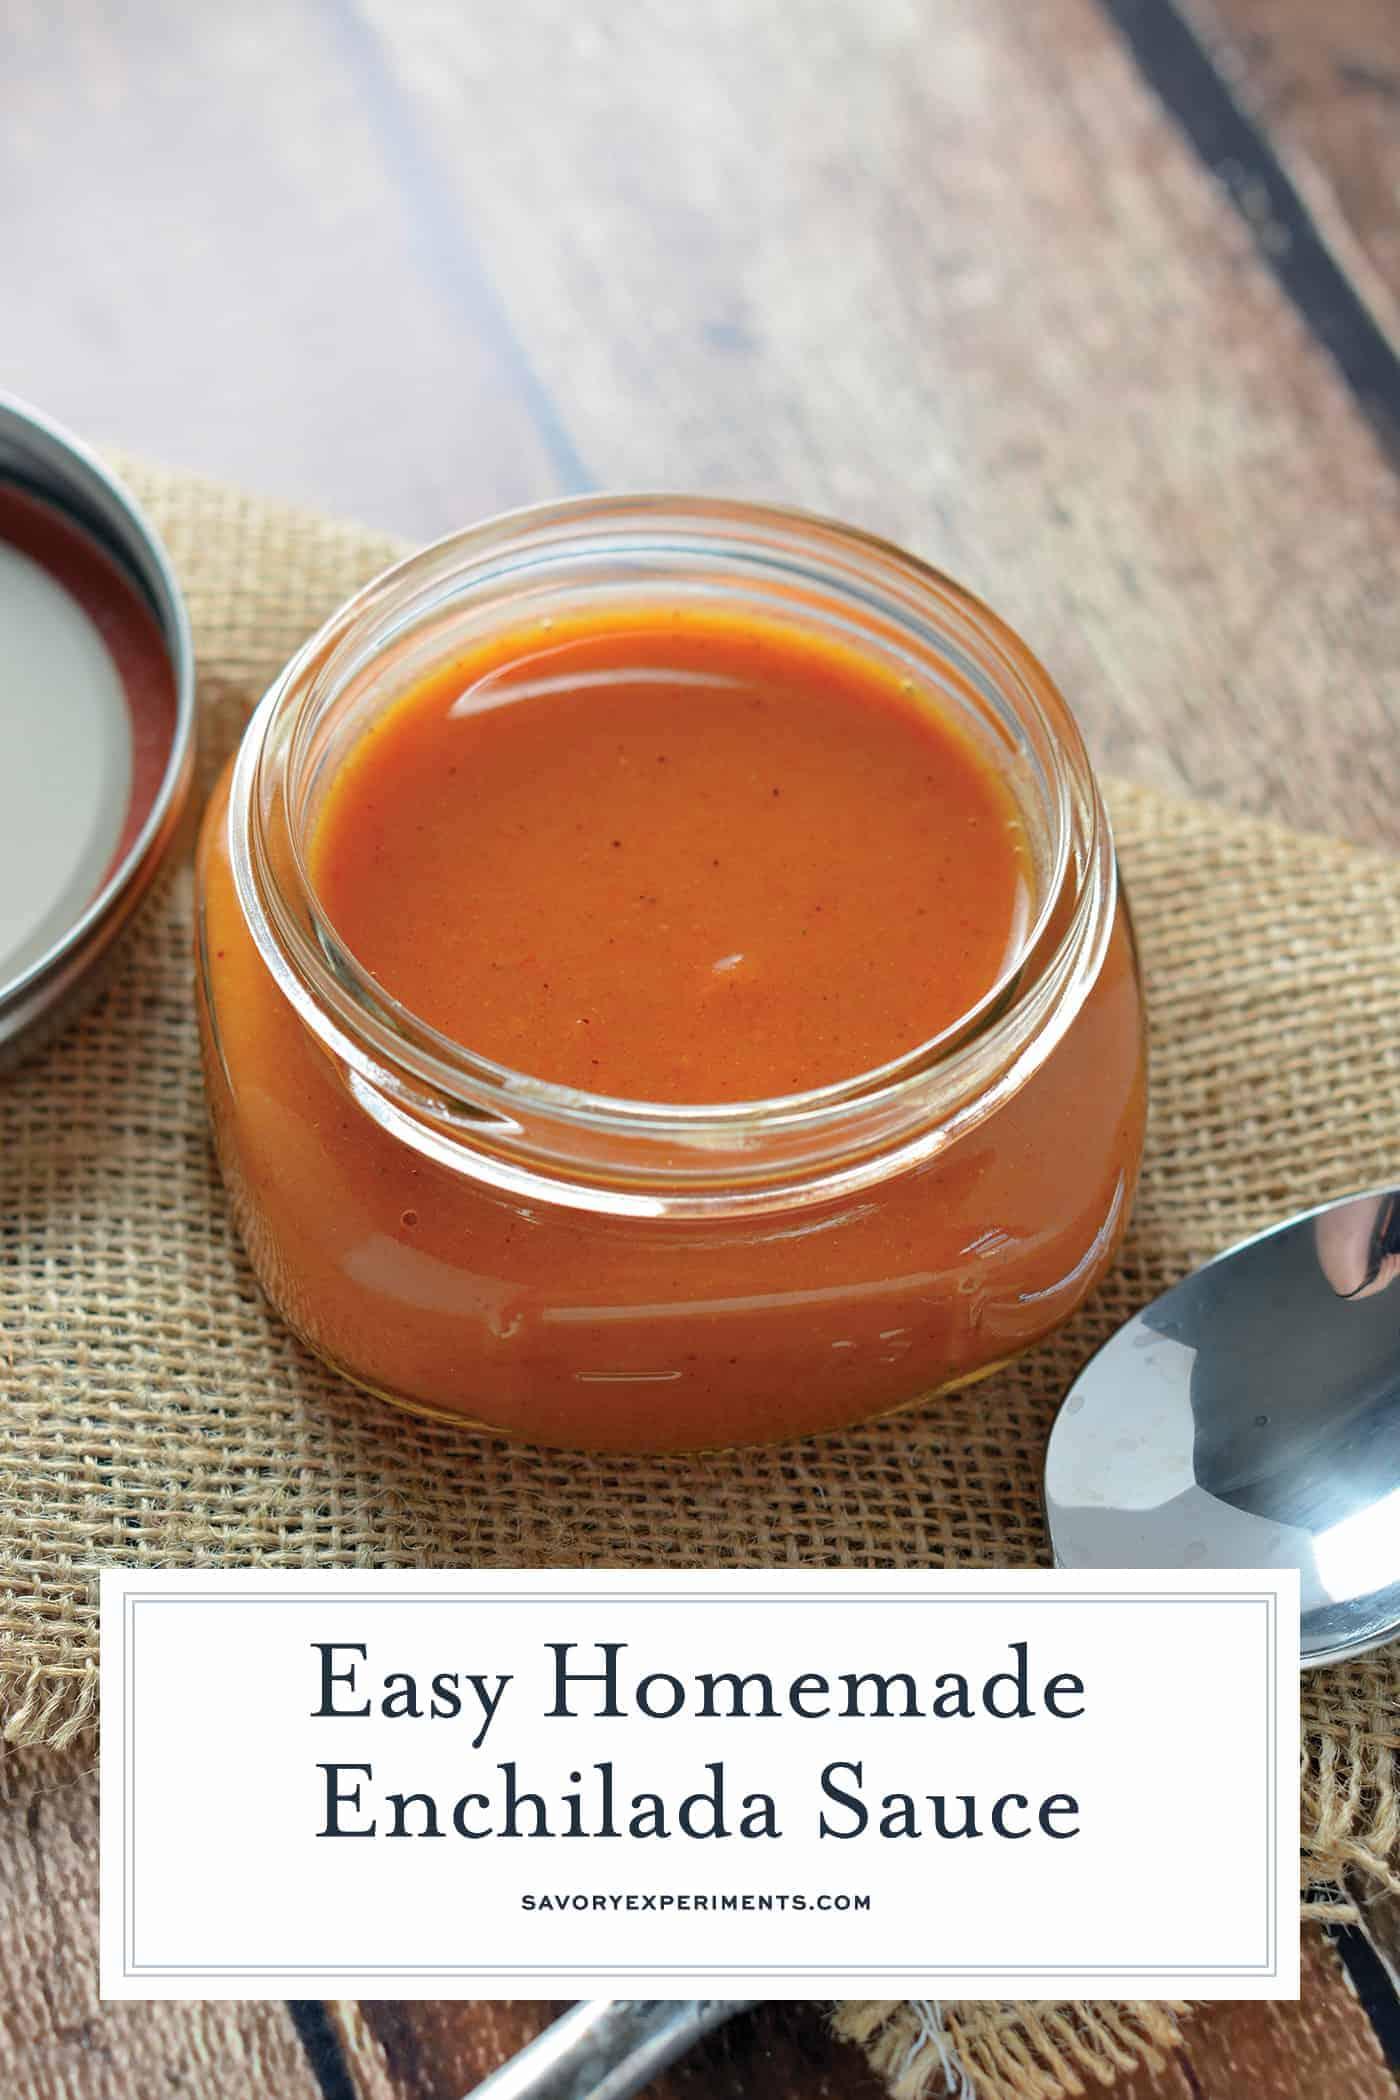 Homemade Enchilada Sauce in a jar for PInterest